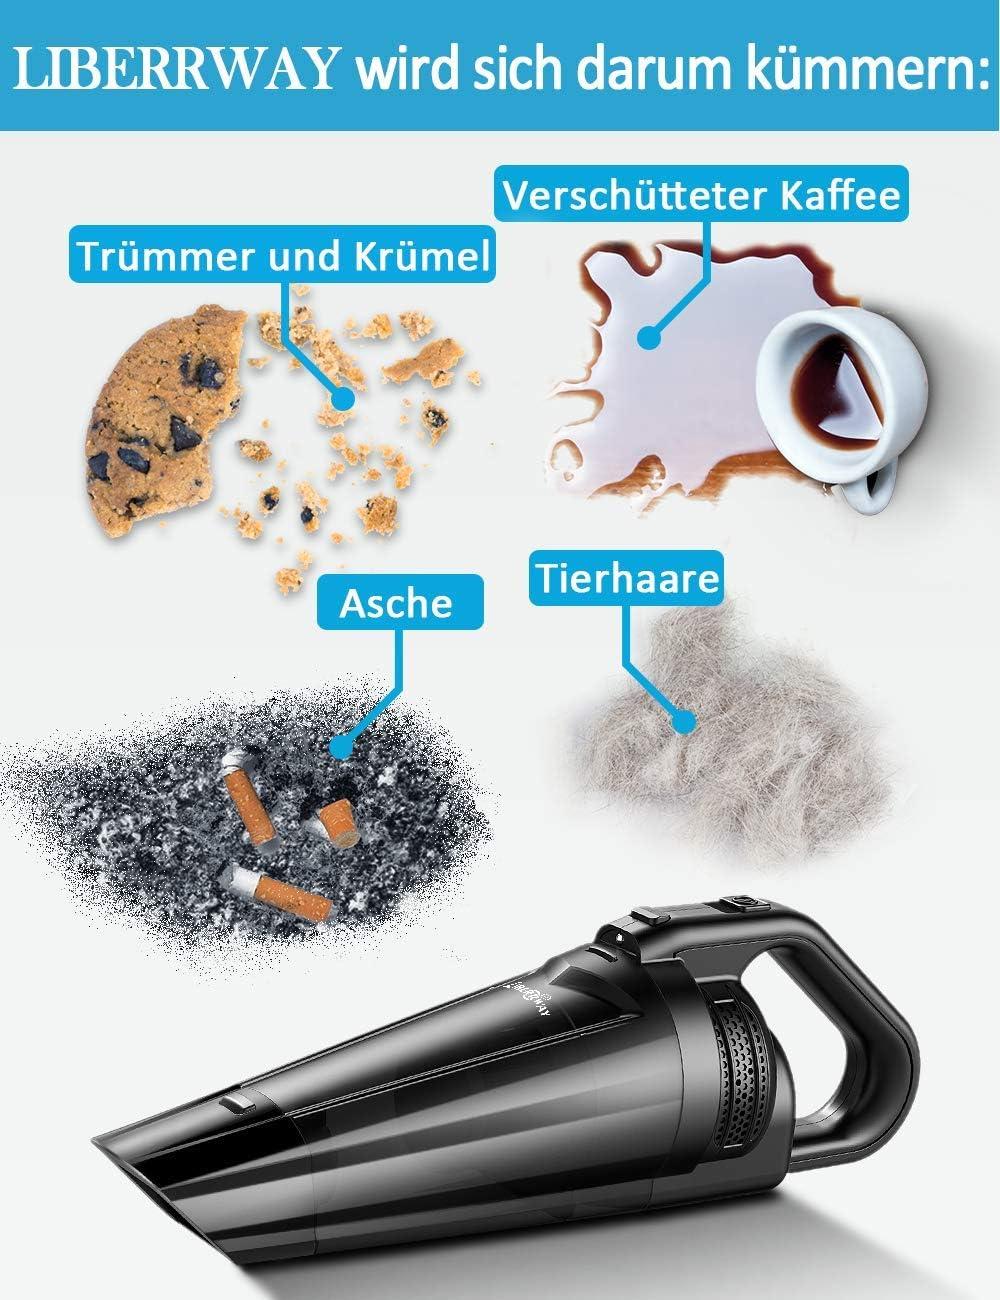 Aspiradora de mano seco y mojado, 100 W /– Aspirador cicl/ónico, 14.8 V lithum /– Bater/ía de ion de litio, carga r/ápida Tech LIBERRWAY bater/ía aspirador inal/ámbrico para coches Hogar